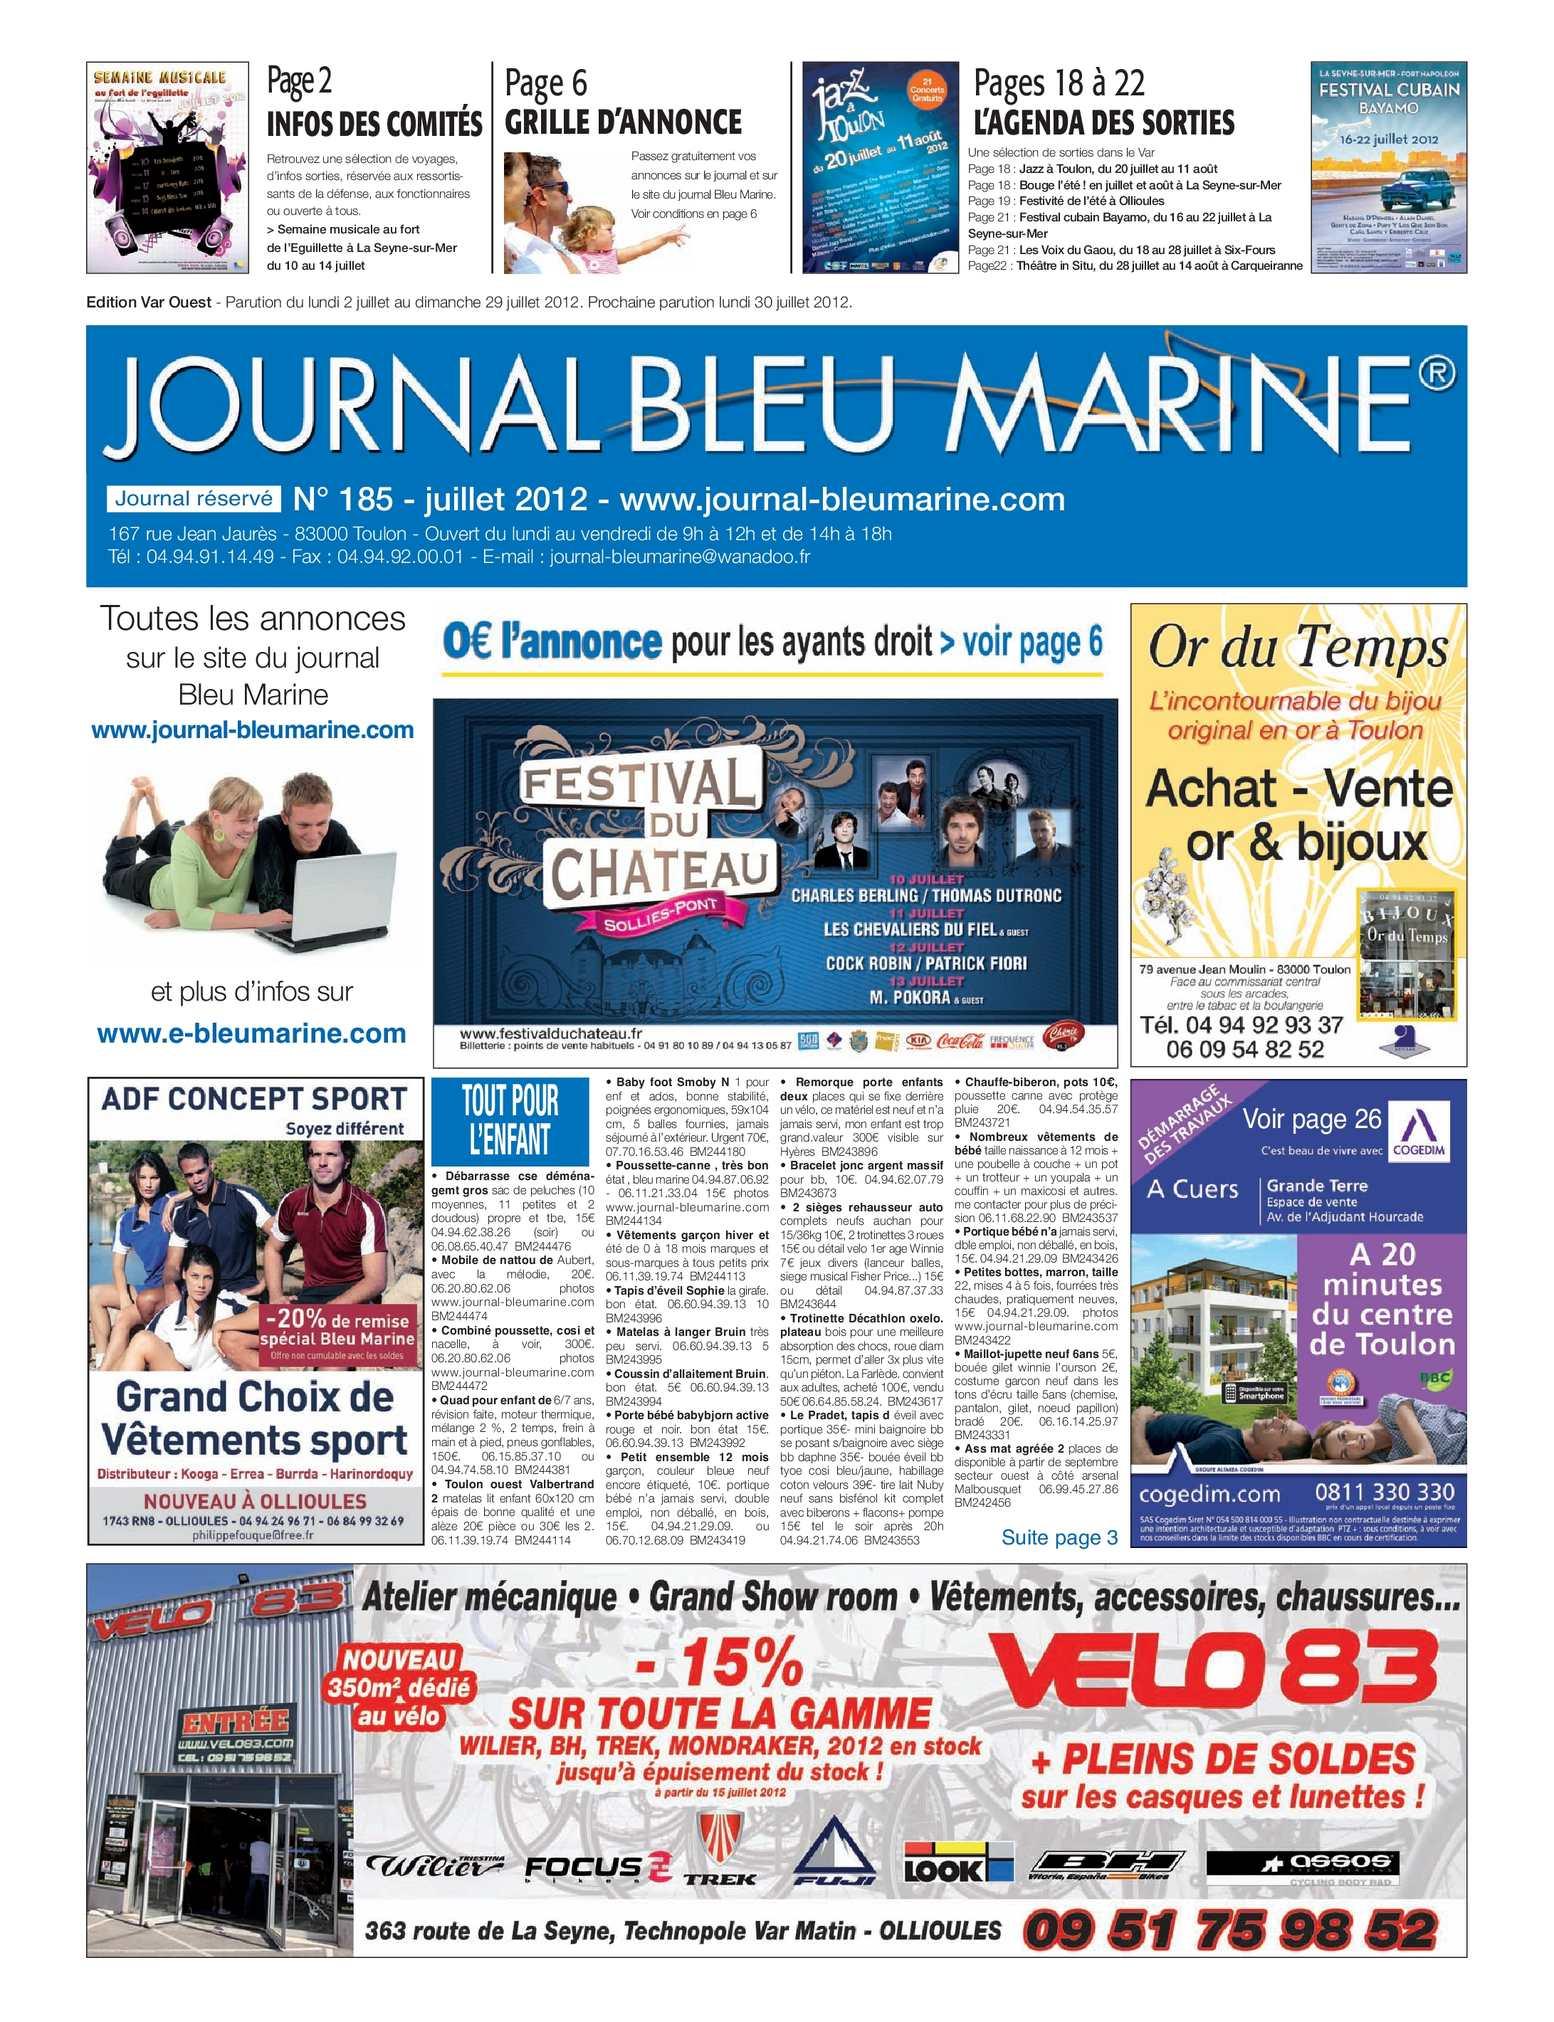 Salon De Jardin Modulable Frais Calaméo Journal Bleu Marine N°185 Juillet 2012 Of 39 Nouveau Salon De Jardin Modulable